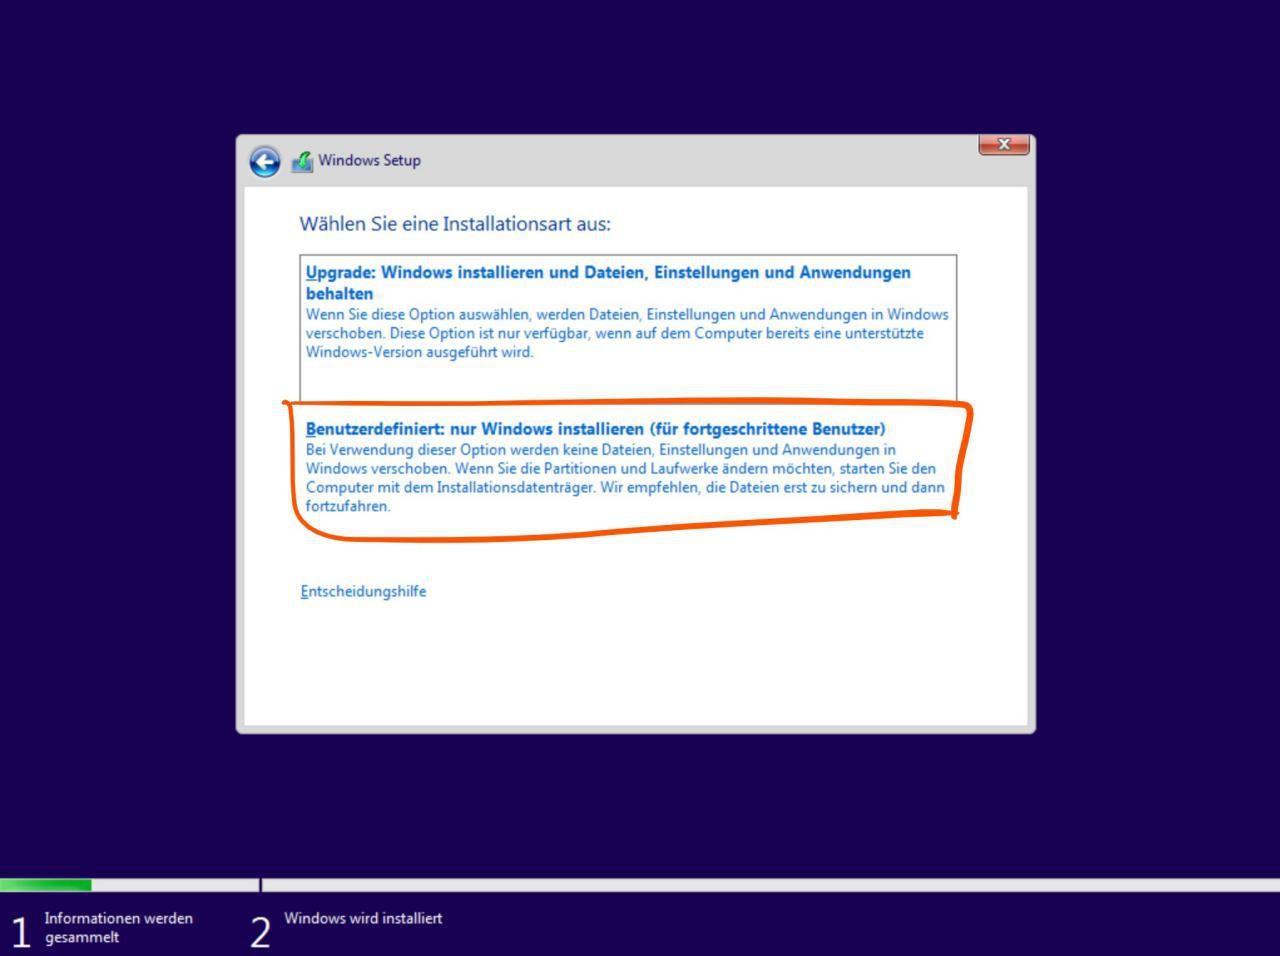 Windows-Installation_7-benutzerdefiniert.jpg